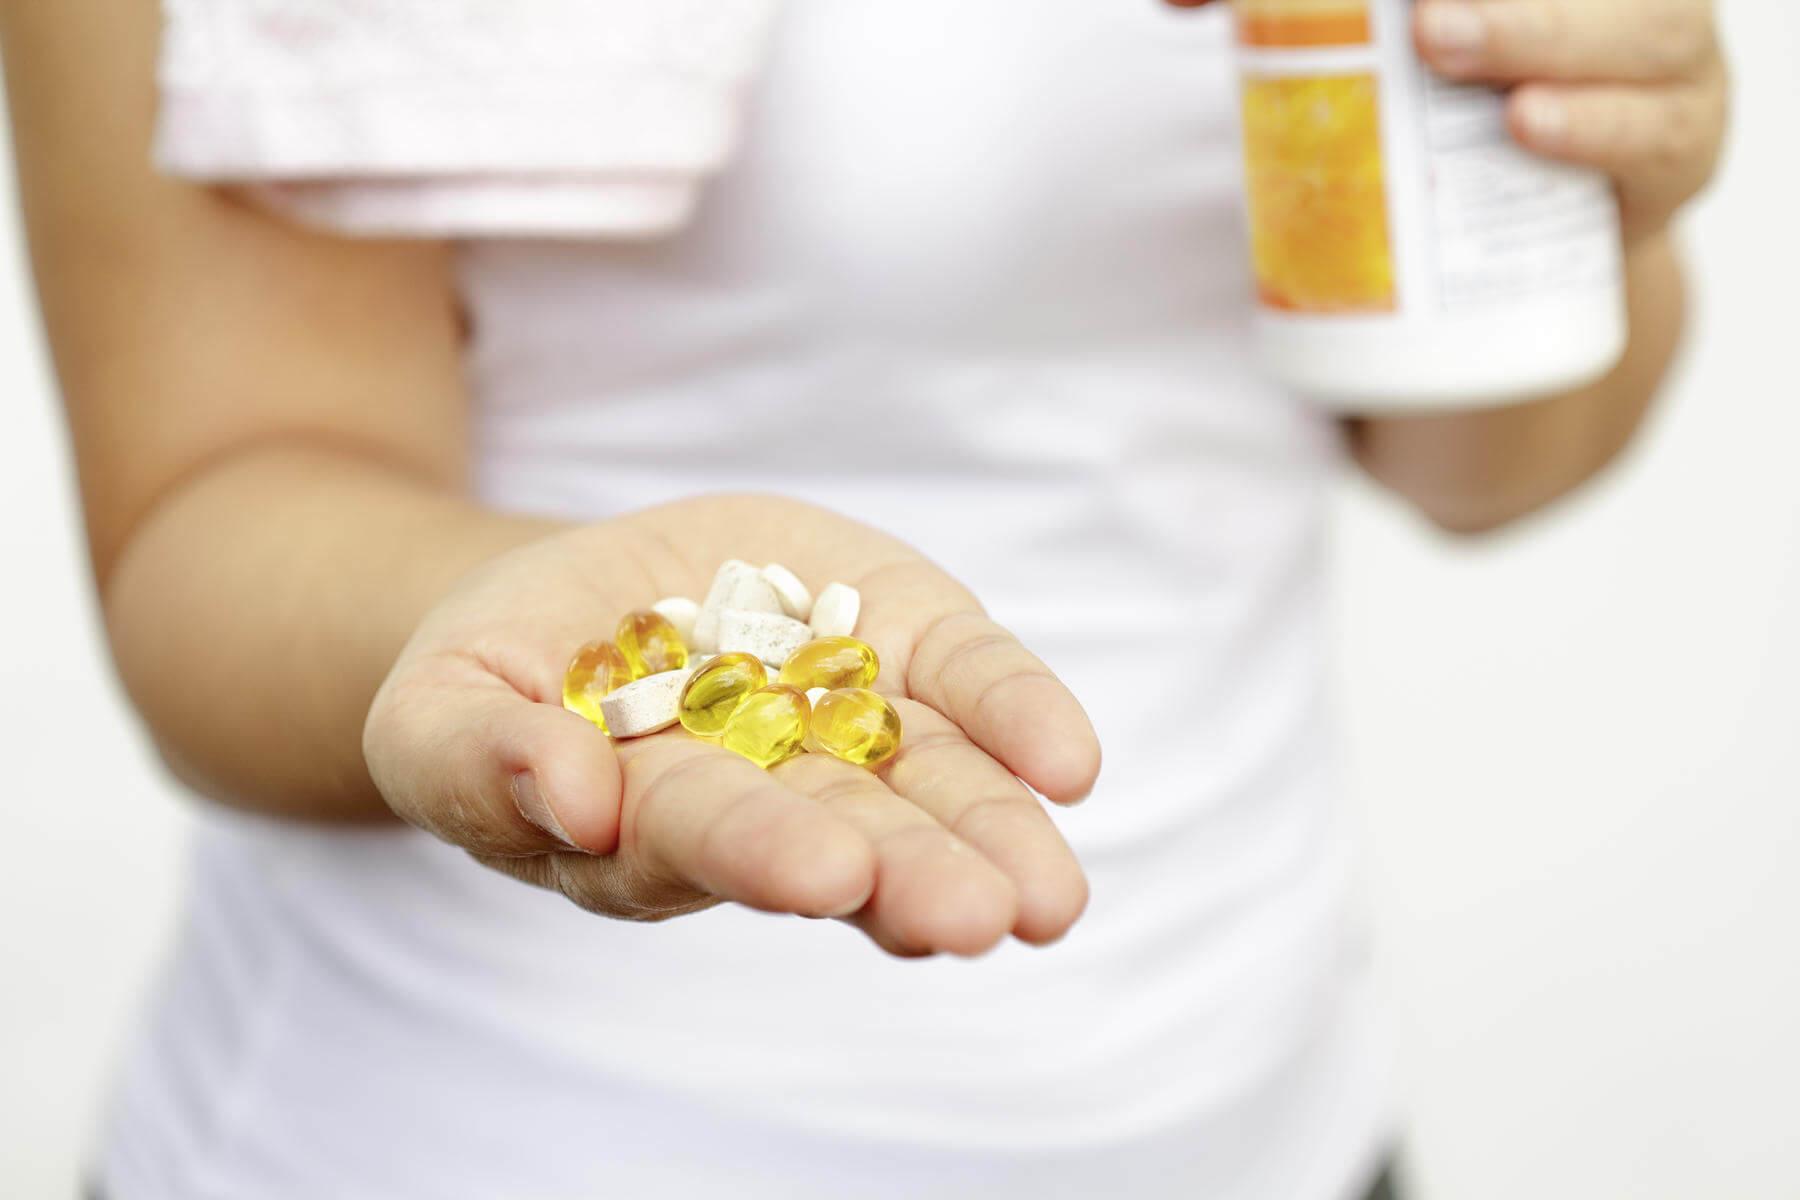 فيتامينات قبل الحمل